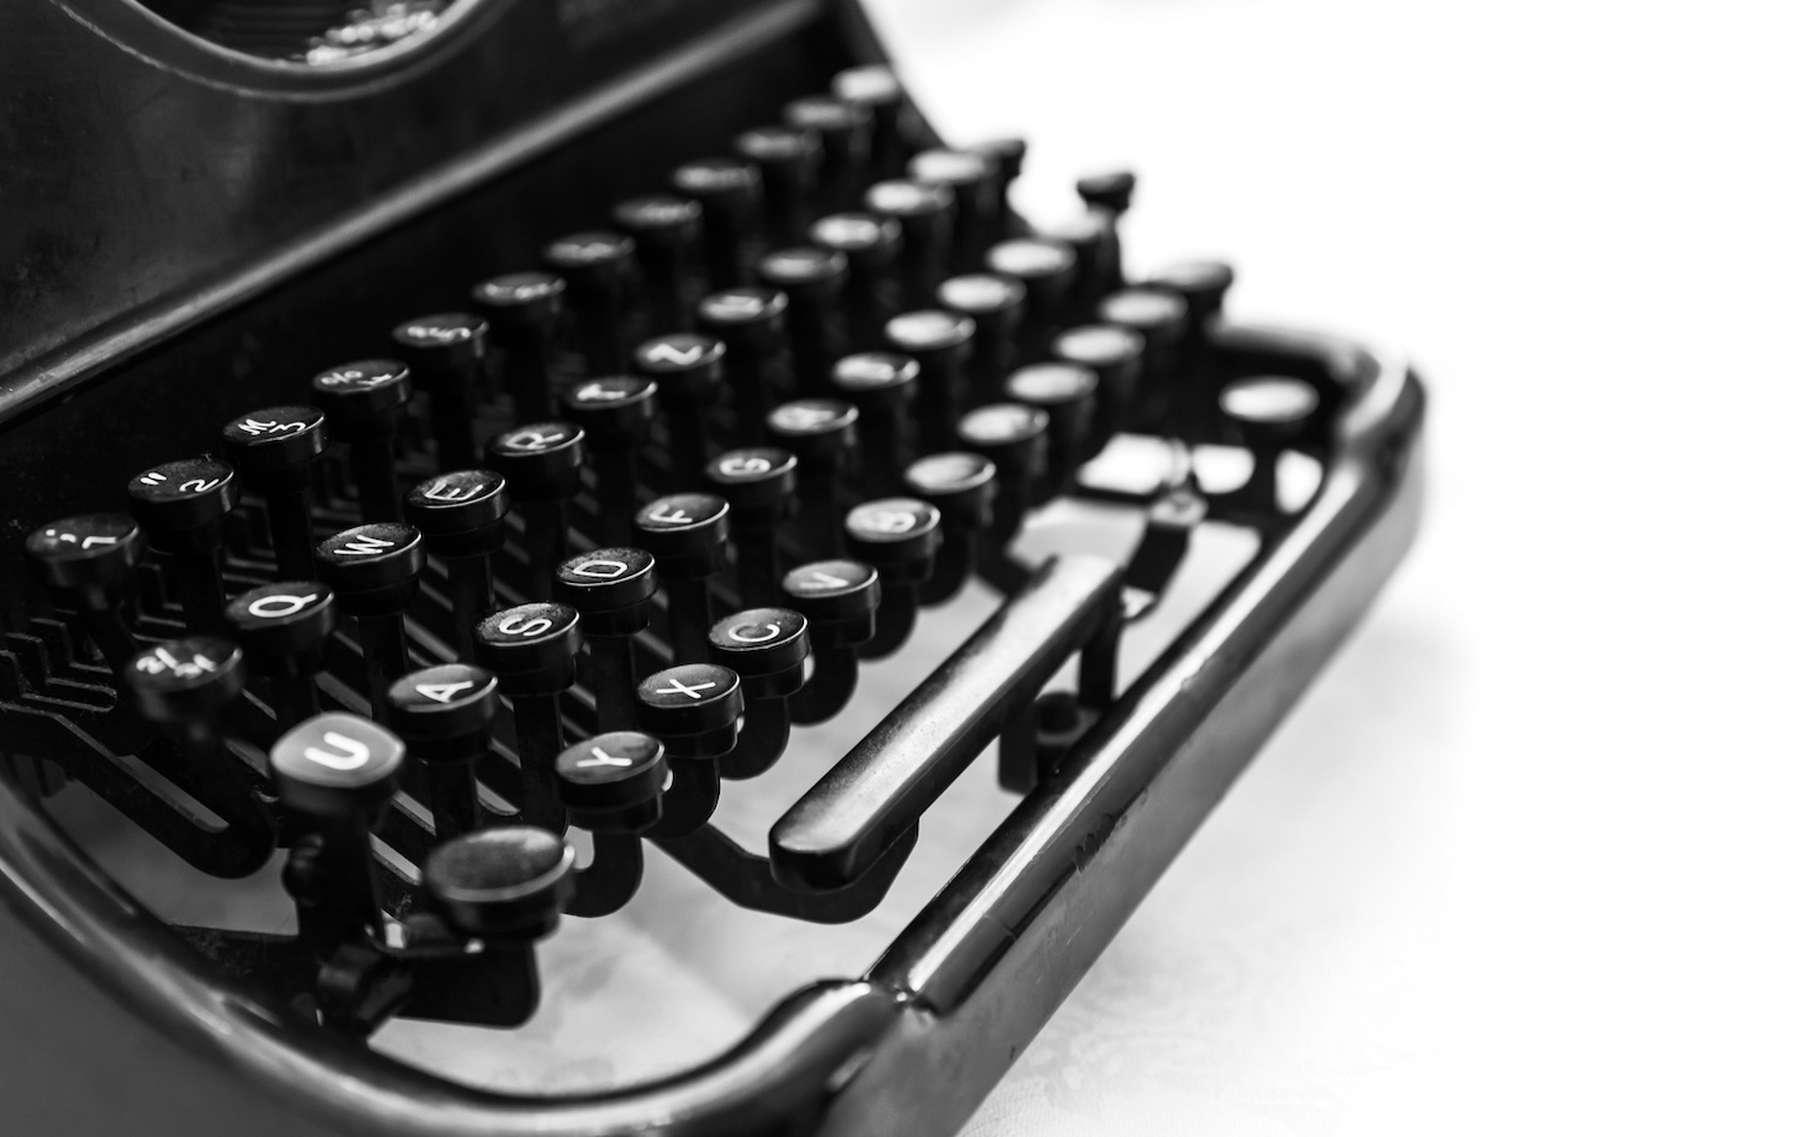 C'est peu de temps après l'invention de la machine à écrire qu'est né le clavier QWERTY et il perdure encore aujourd'hui dans les pays anglophones. © evannovostro, Fotolia